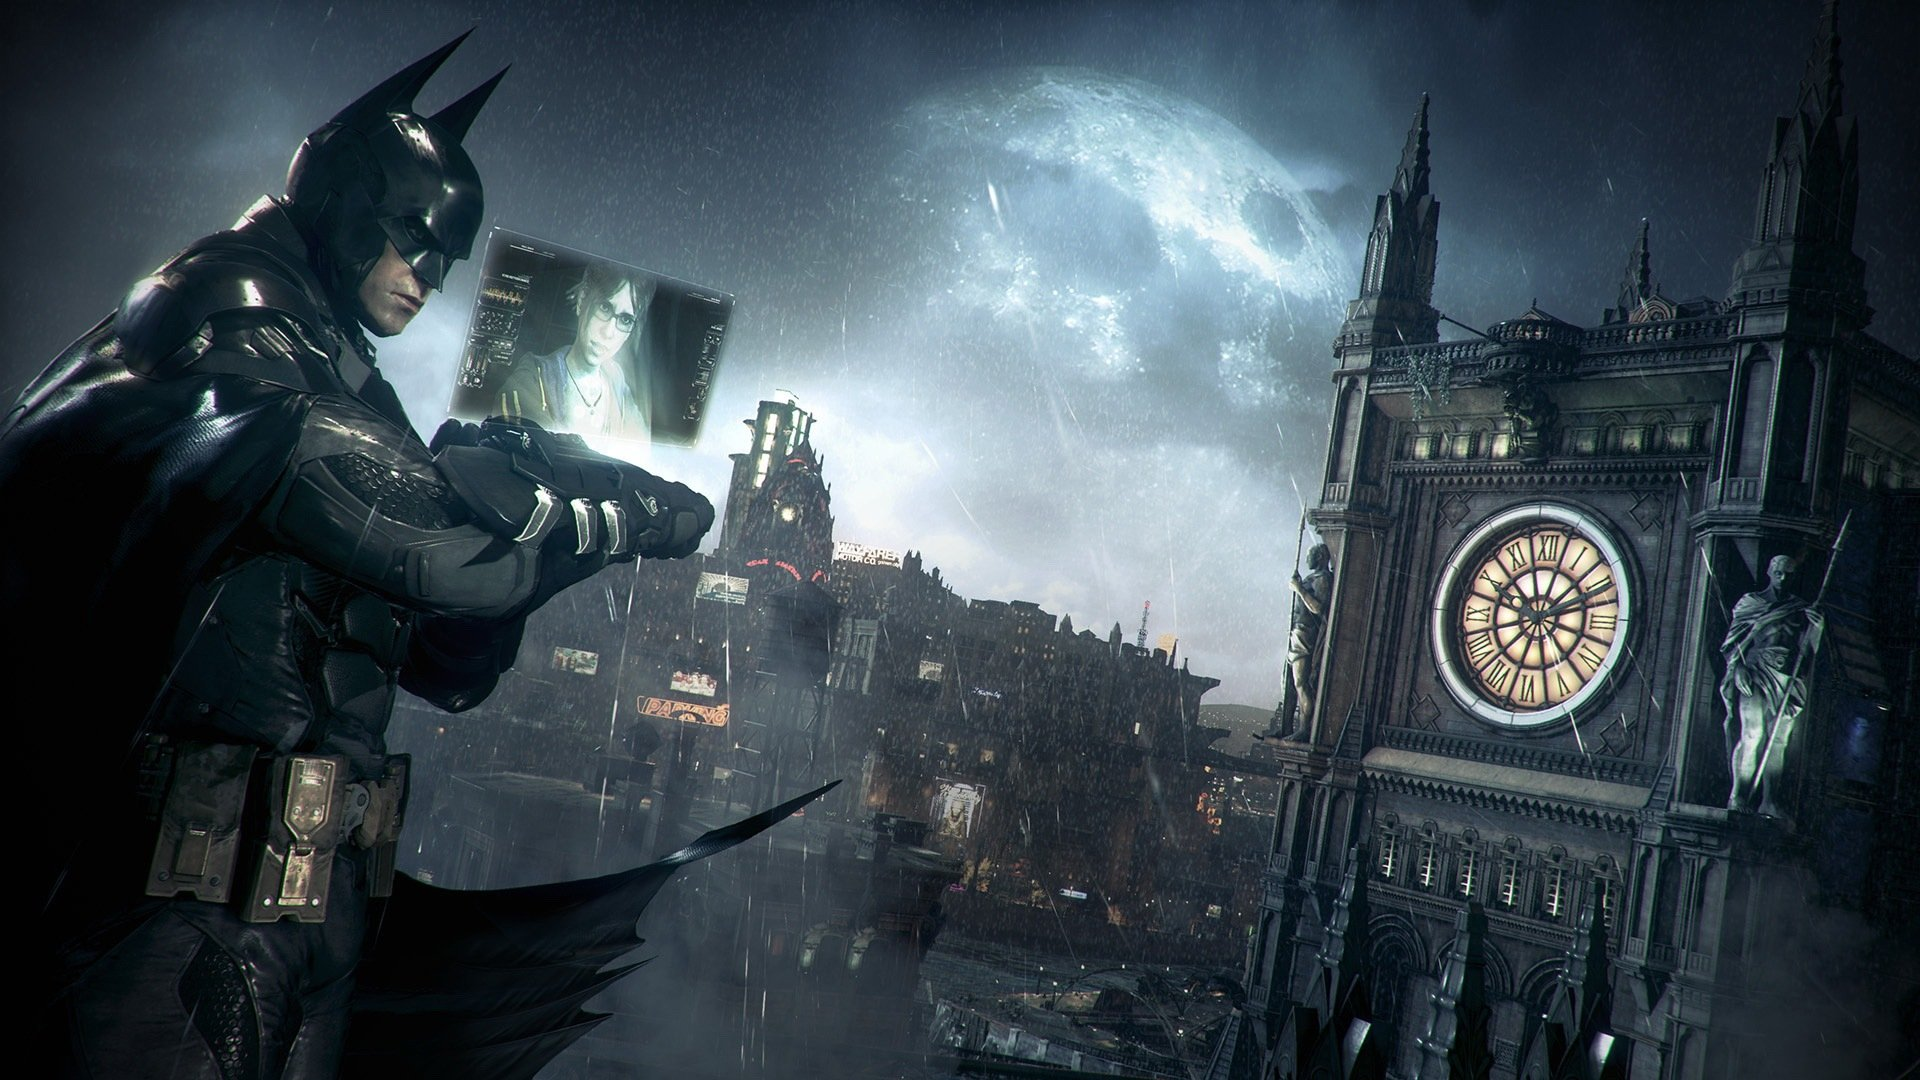 Как сообщают крупные игровые магазины Batman: Рыцарь Аркхэма выйдет на РС только в магазинах цифров - Изображение 1